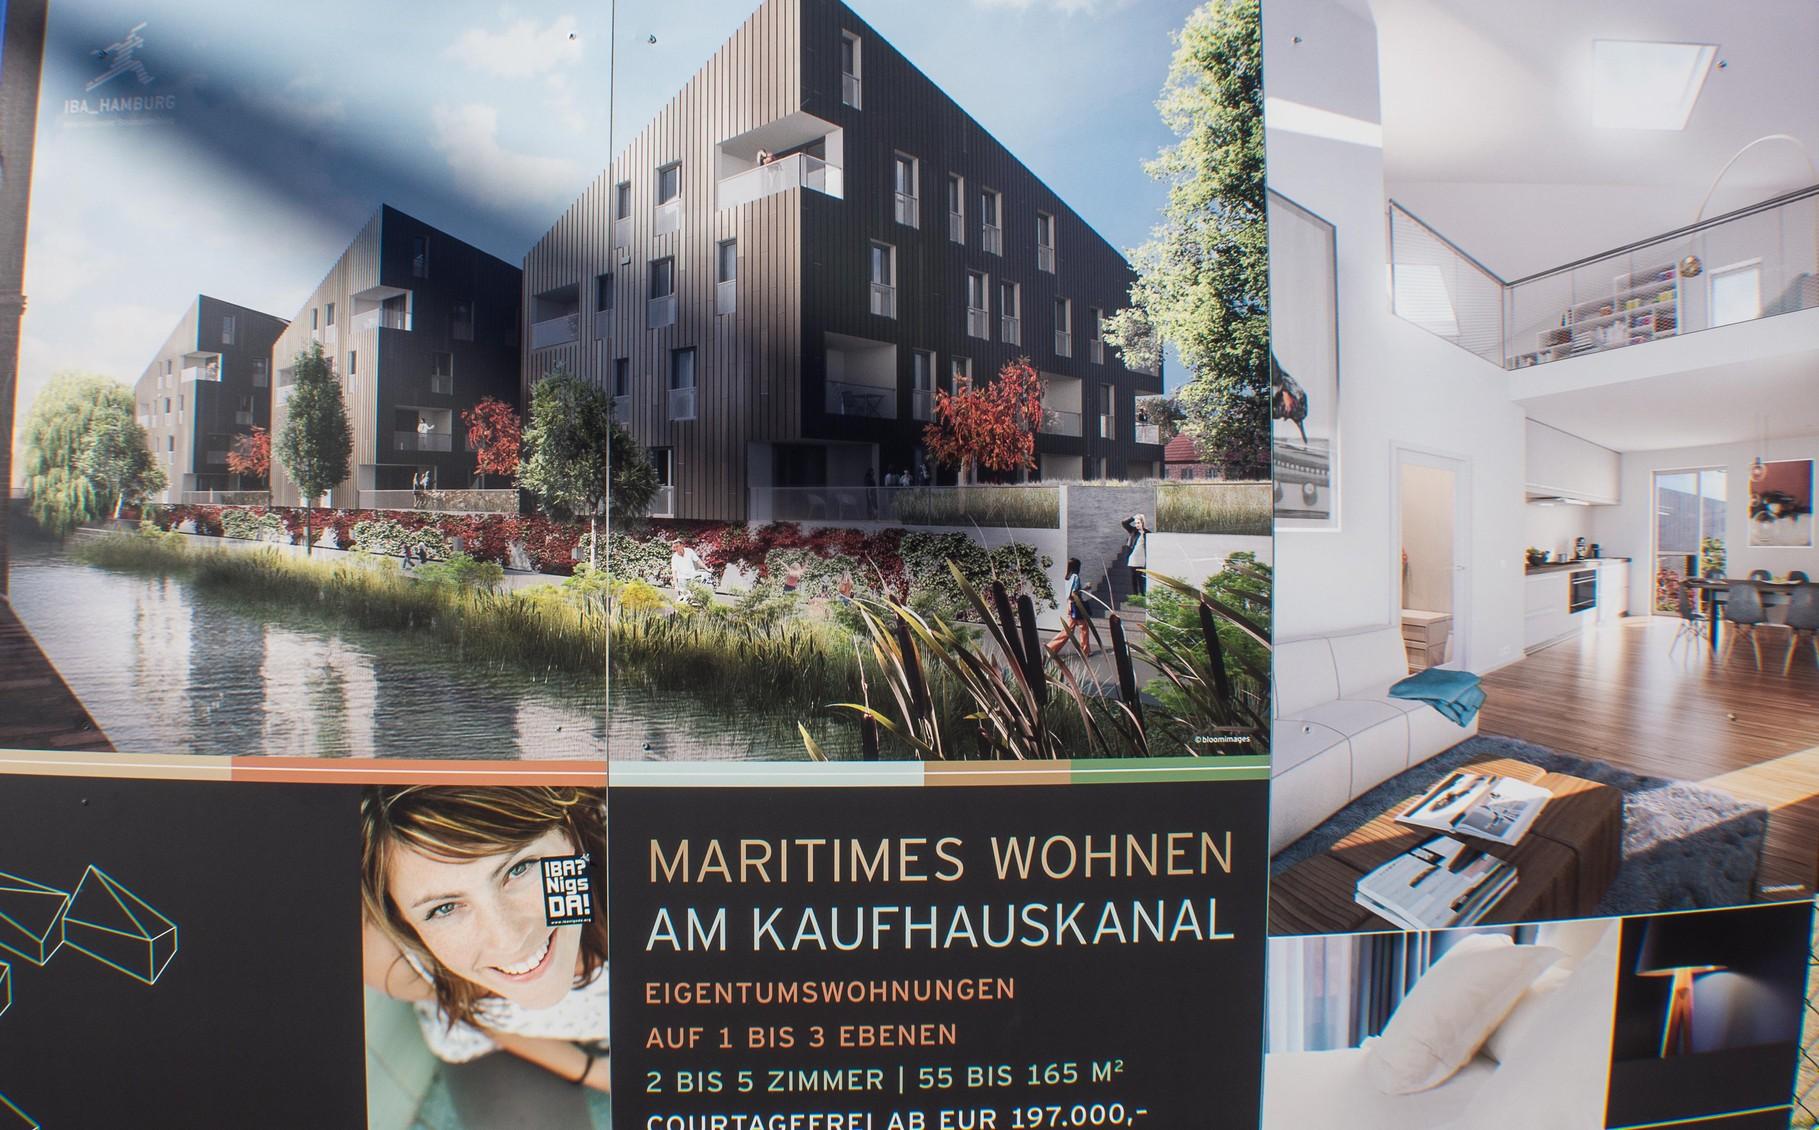 Maritimes Wohnen am Kaufhauskanal